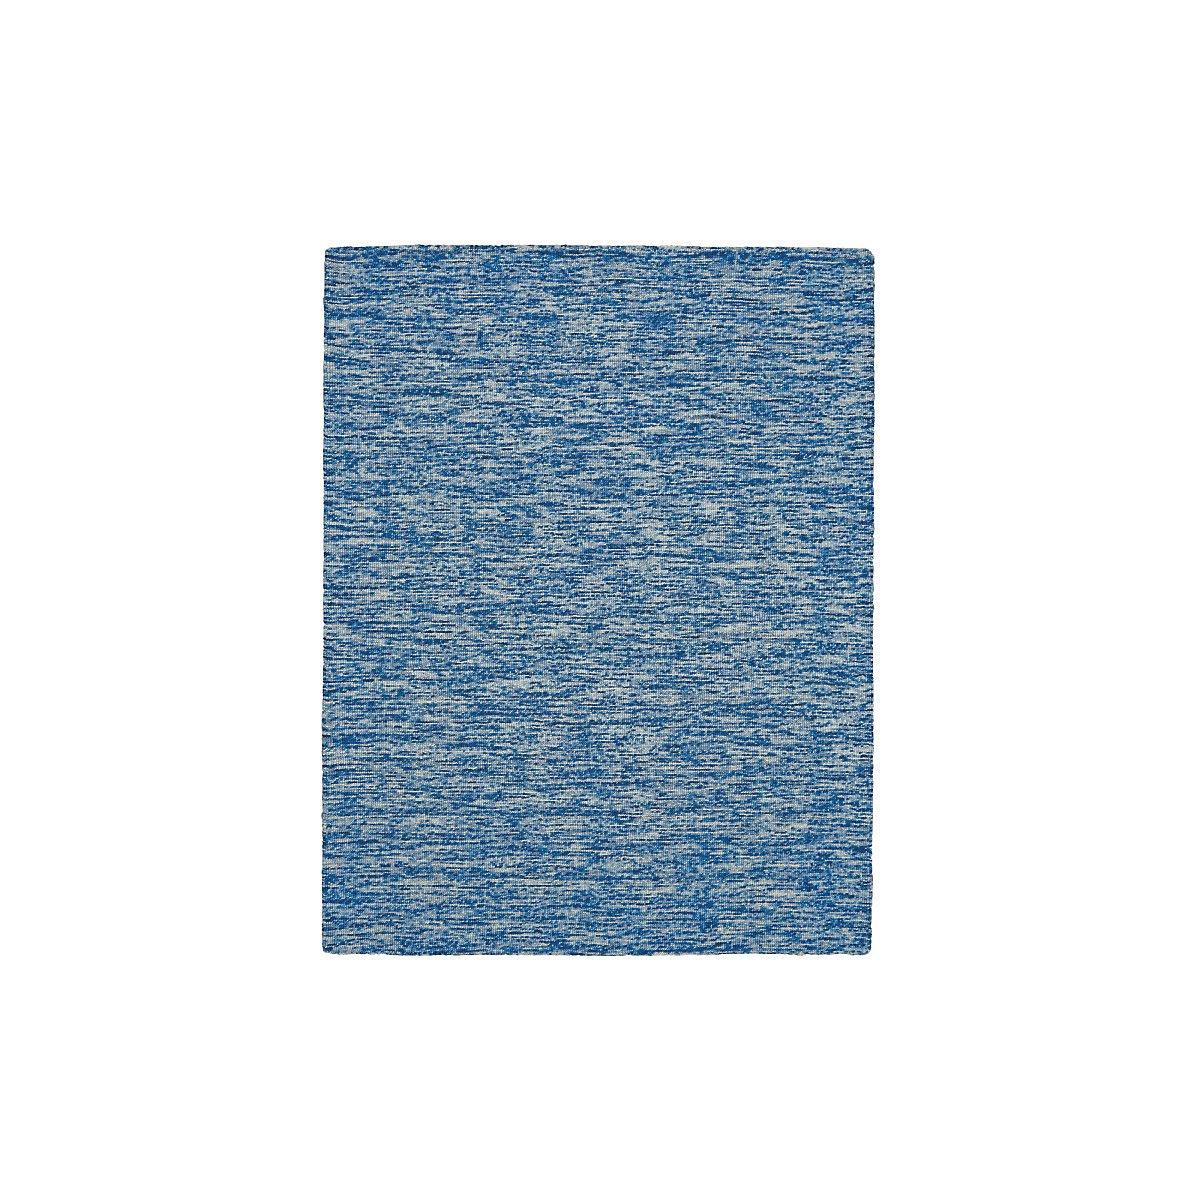 Cora Blue 5x8 Area Rug